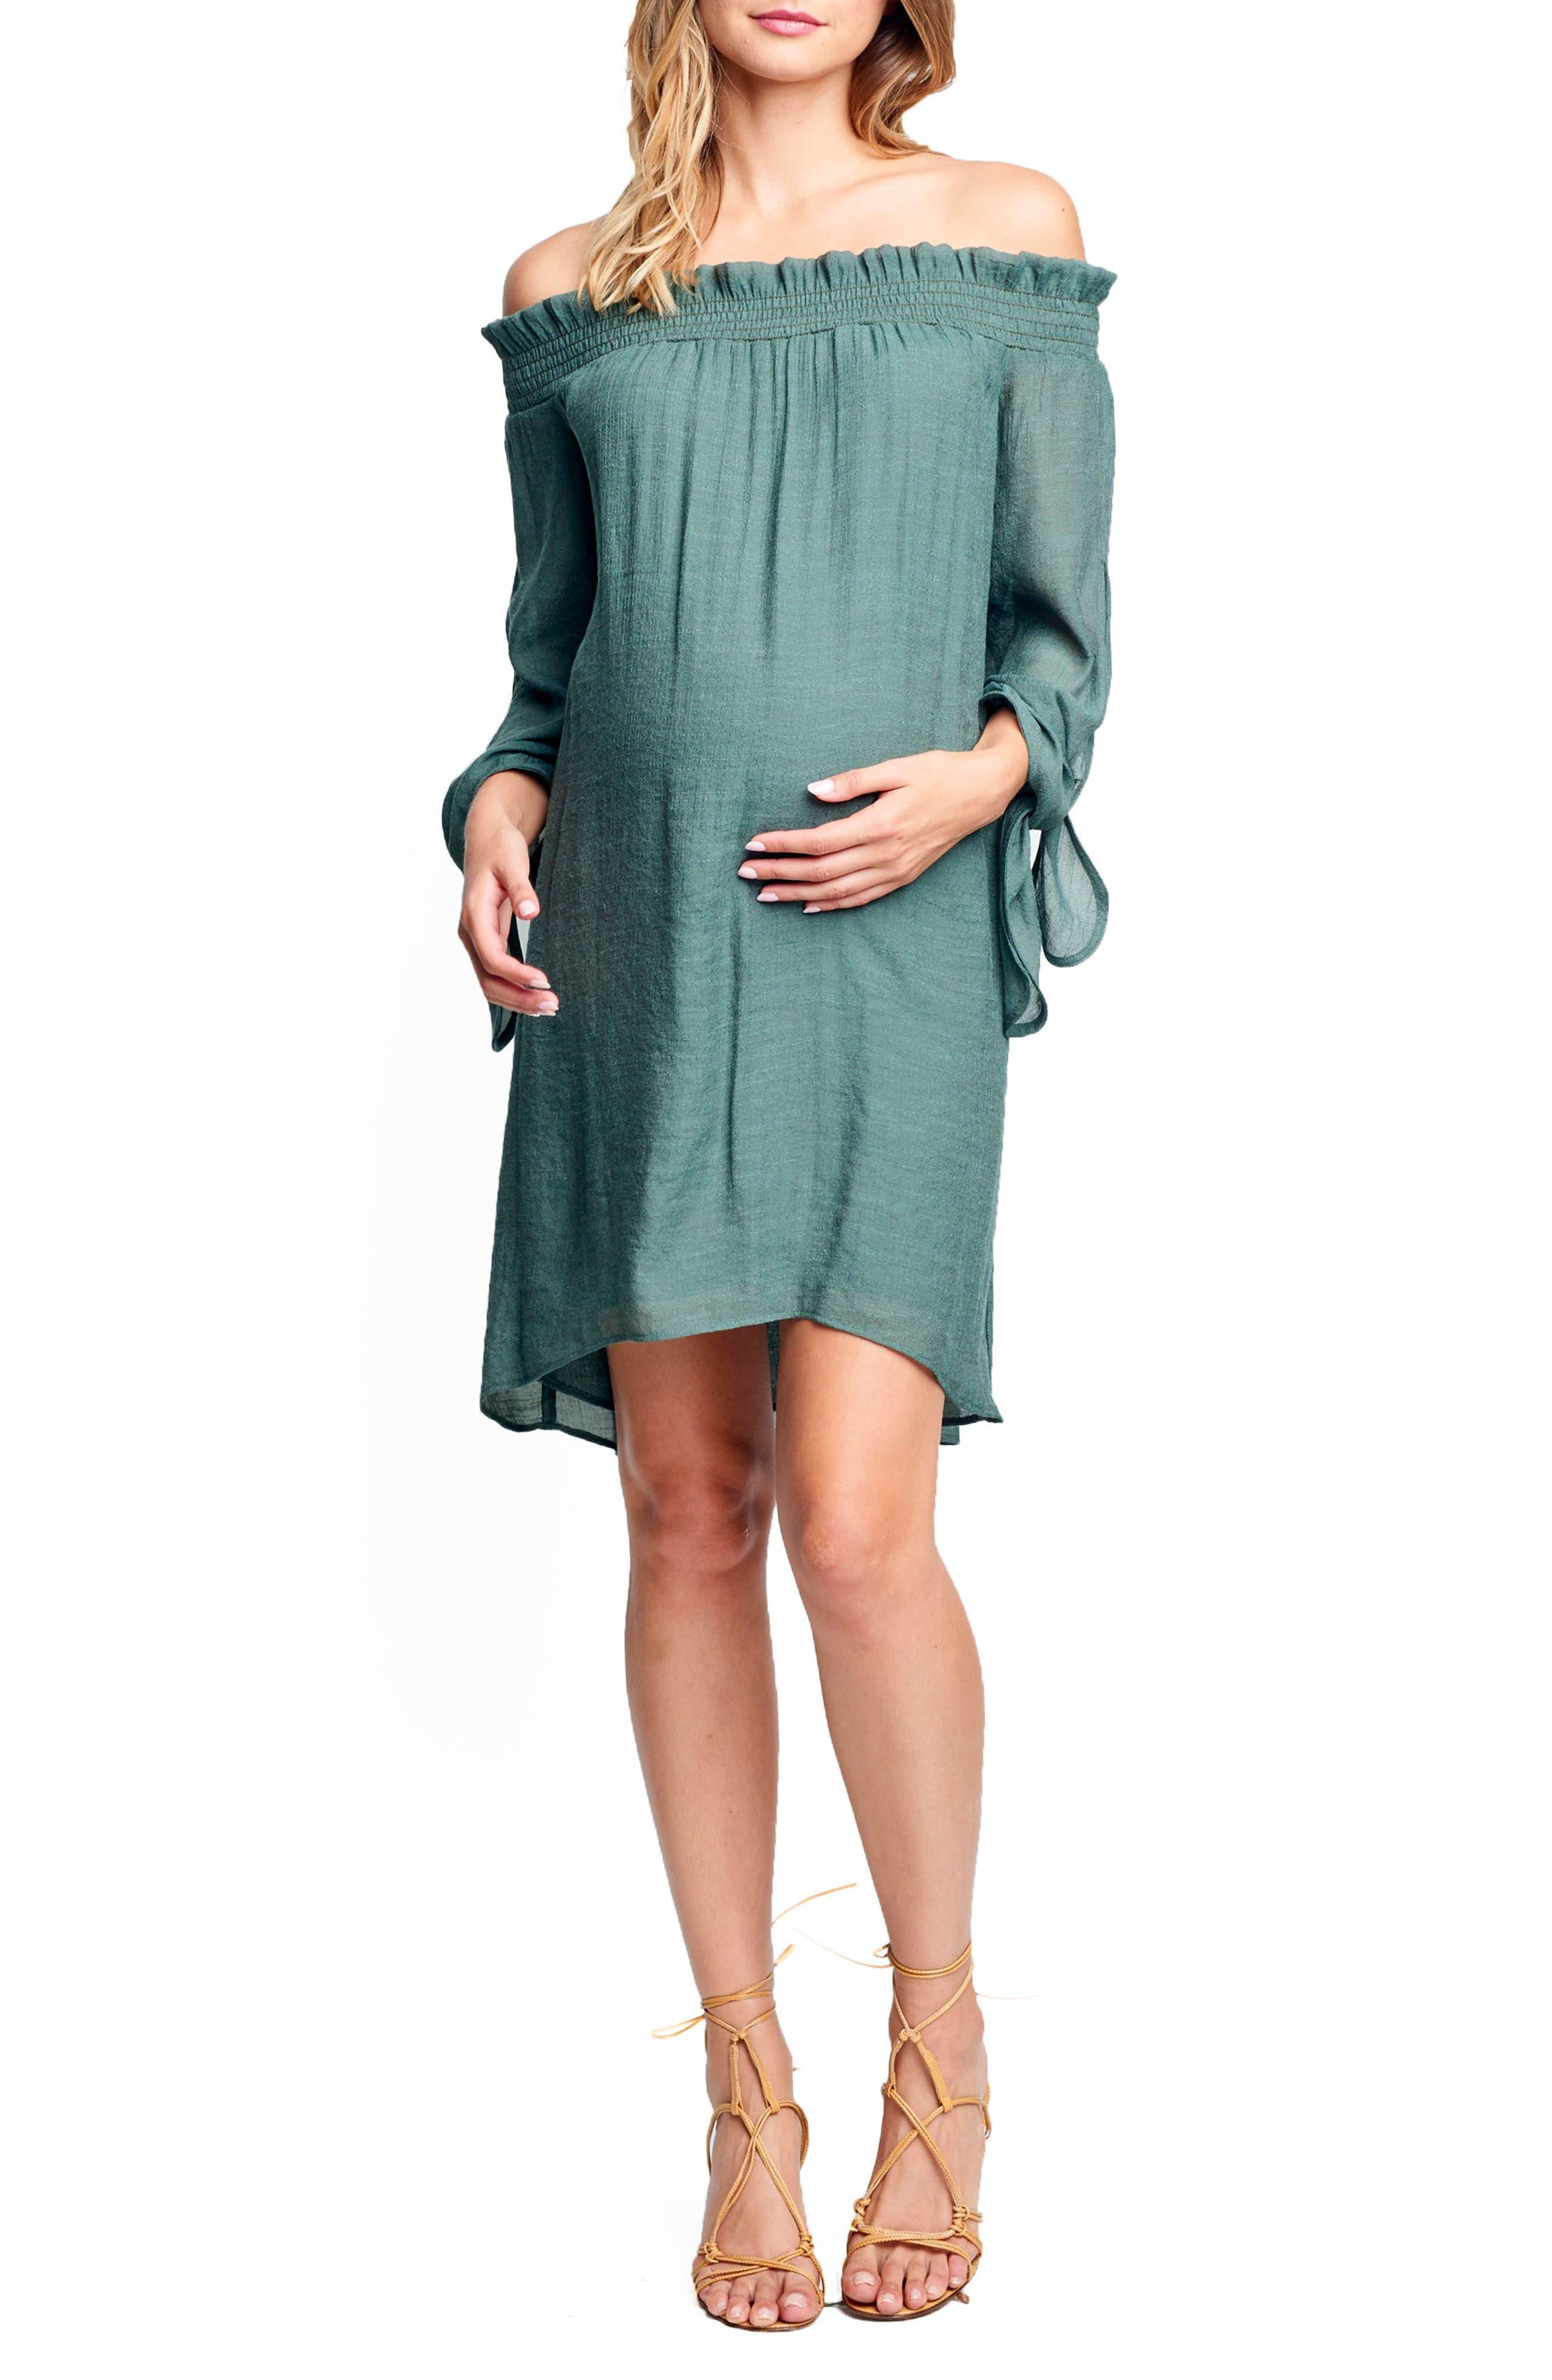 Maternal America Juliet Off The Shoulder Maternity Dress, Green